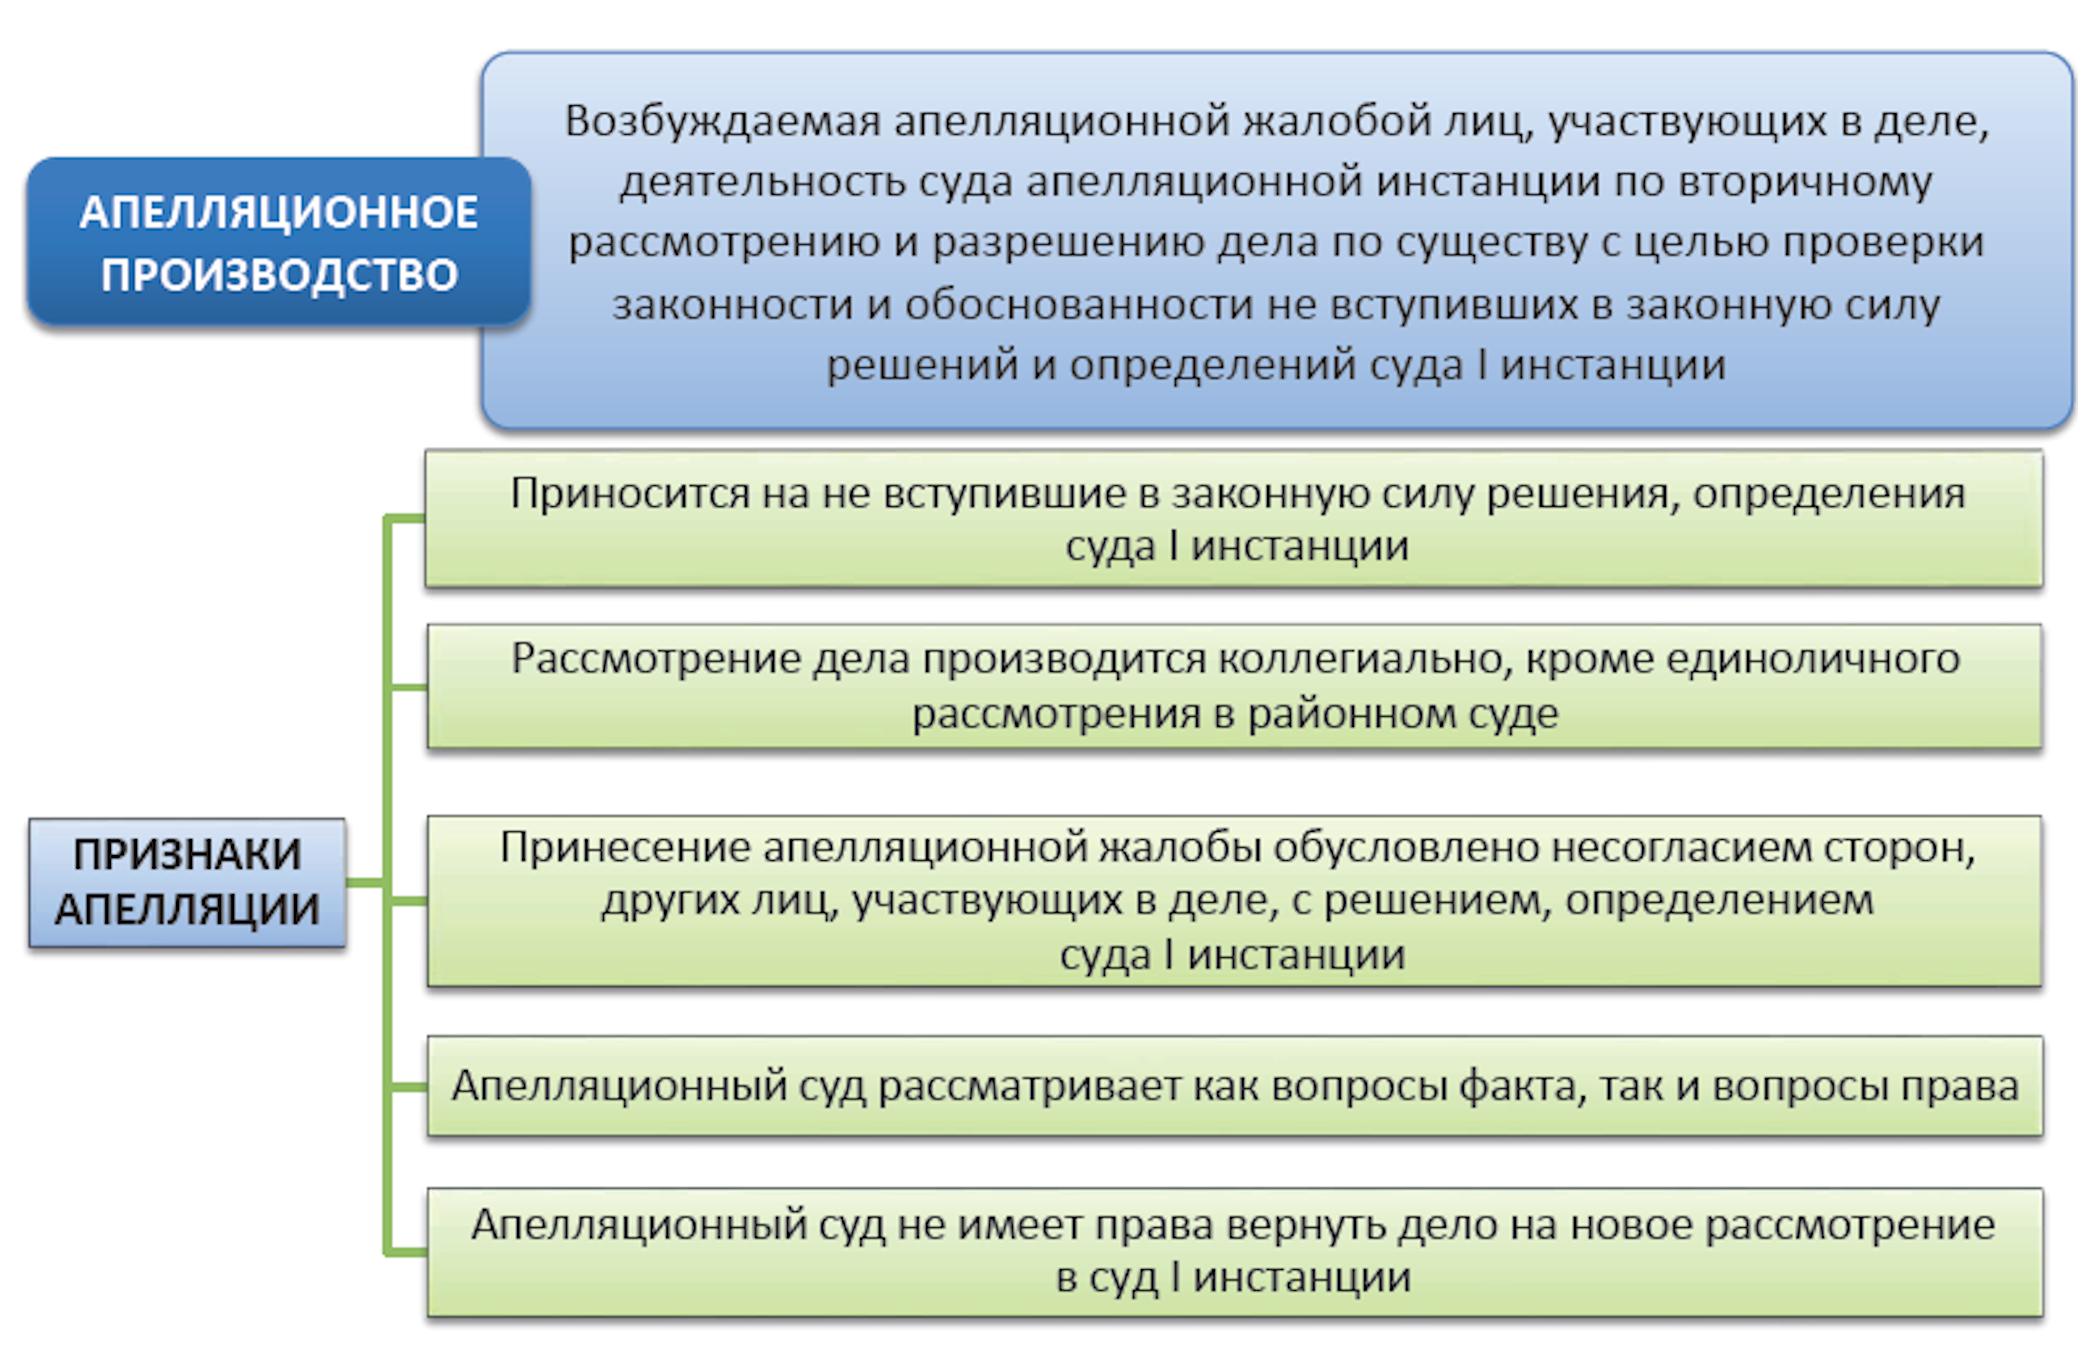 Коммерсант арбитражный суд